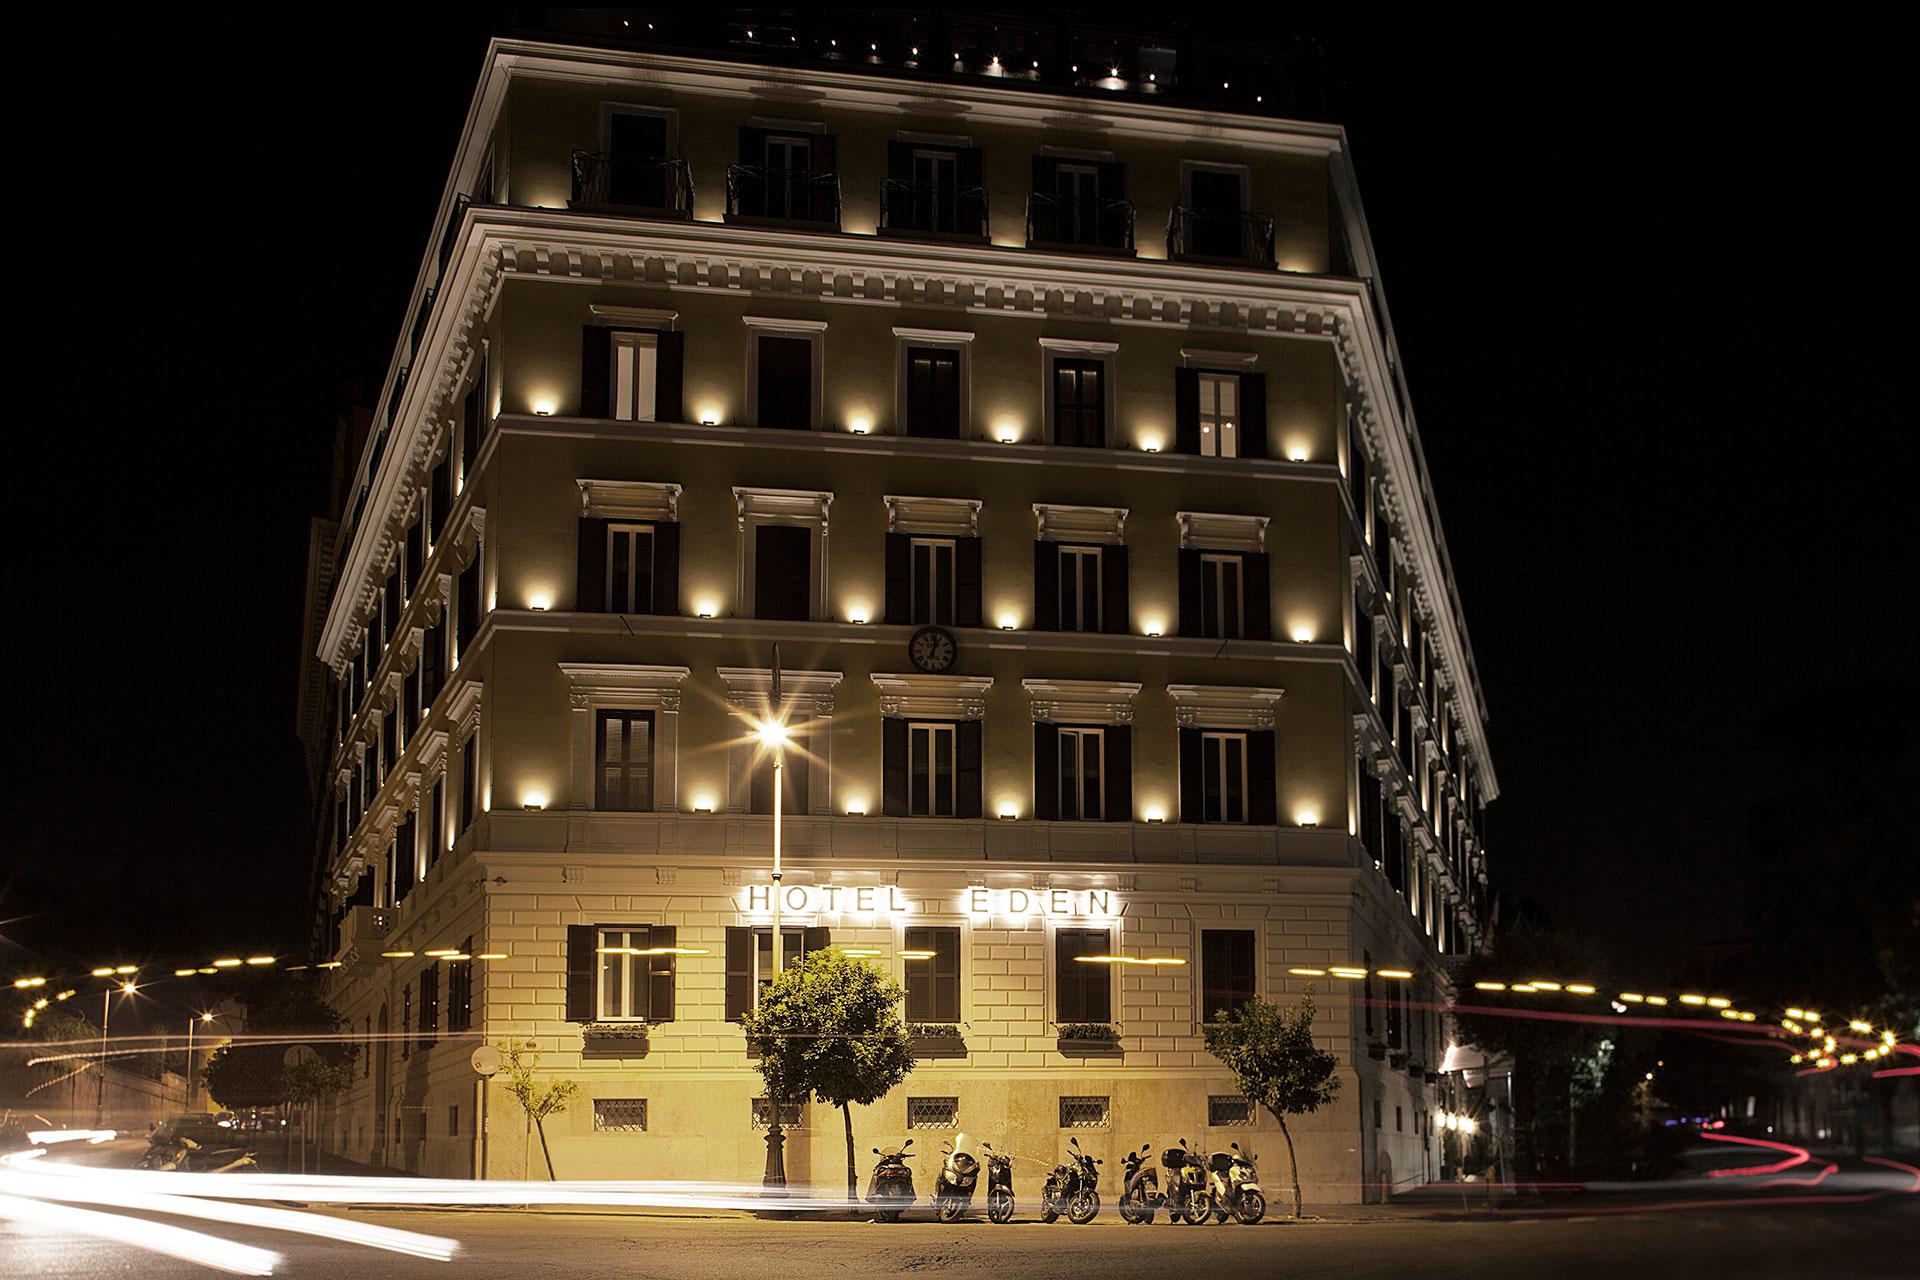 HOTEL EDEN 18